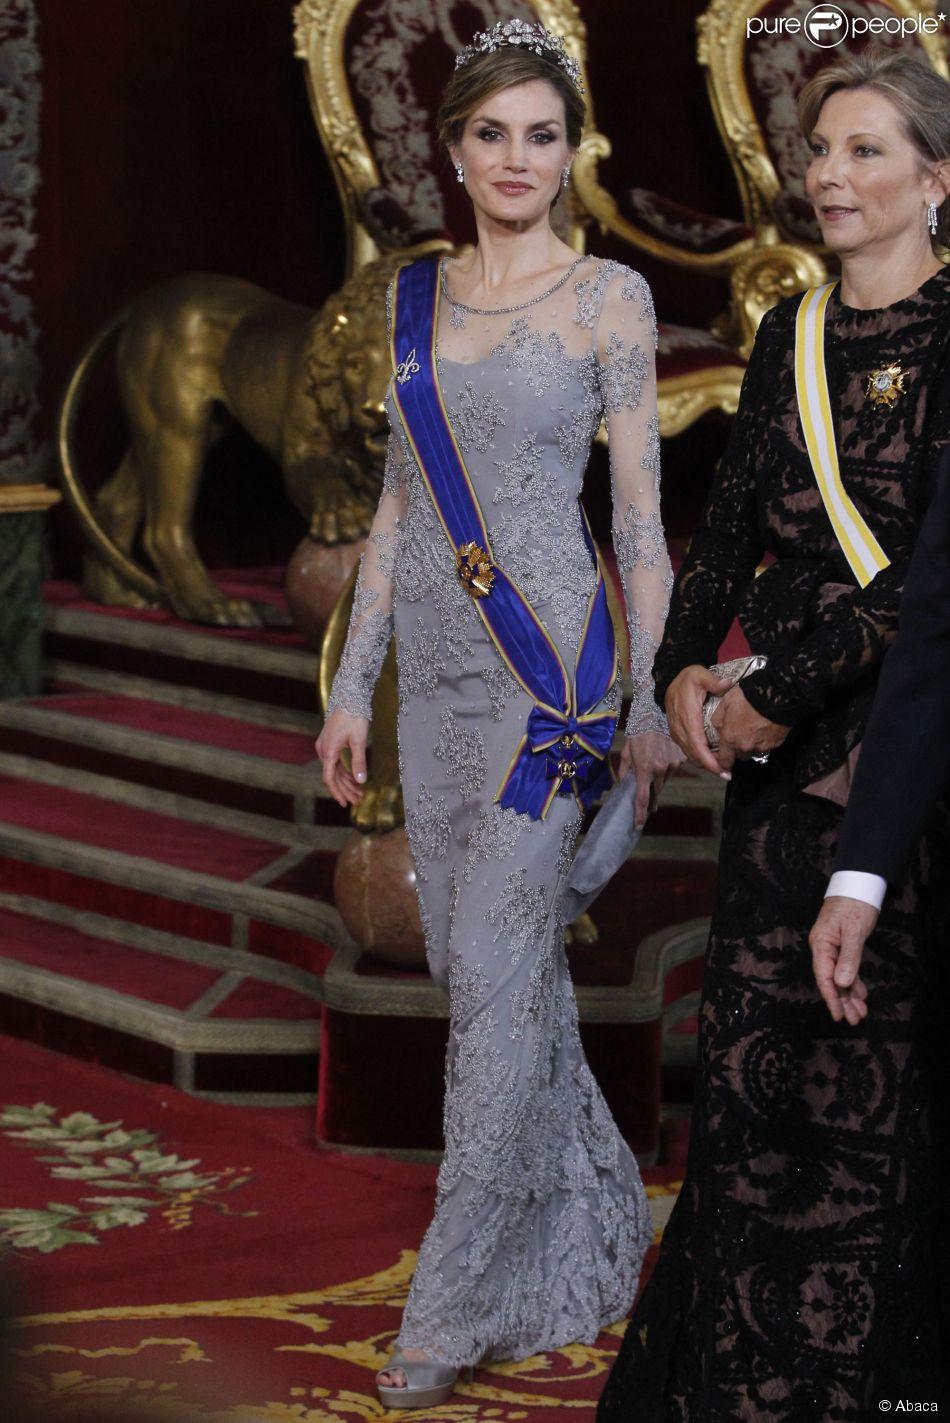 Le roi Felipe VI et la reine Letizia d'Espagne présidaient au palais du Pardo (Madrid) le 2 mars 2015 un dîner officiel en l'honneur du président de la Colombie Juan Manuel Santos et son épouse Clemencia, à l'occasion de leur visite d'Etat du 1er au 3mars 2015